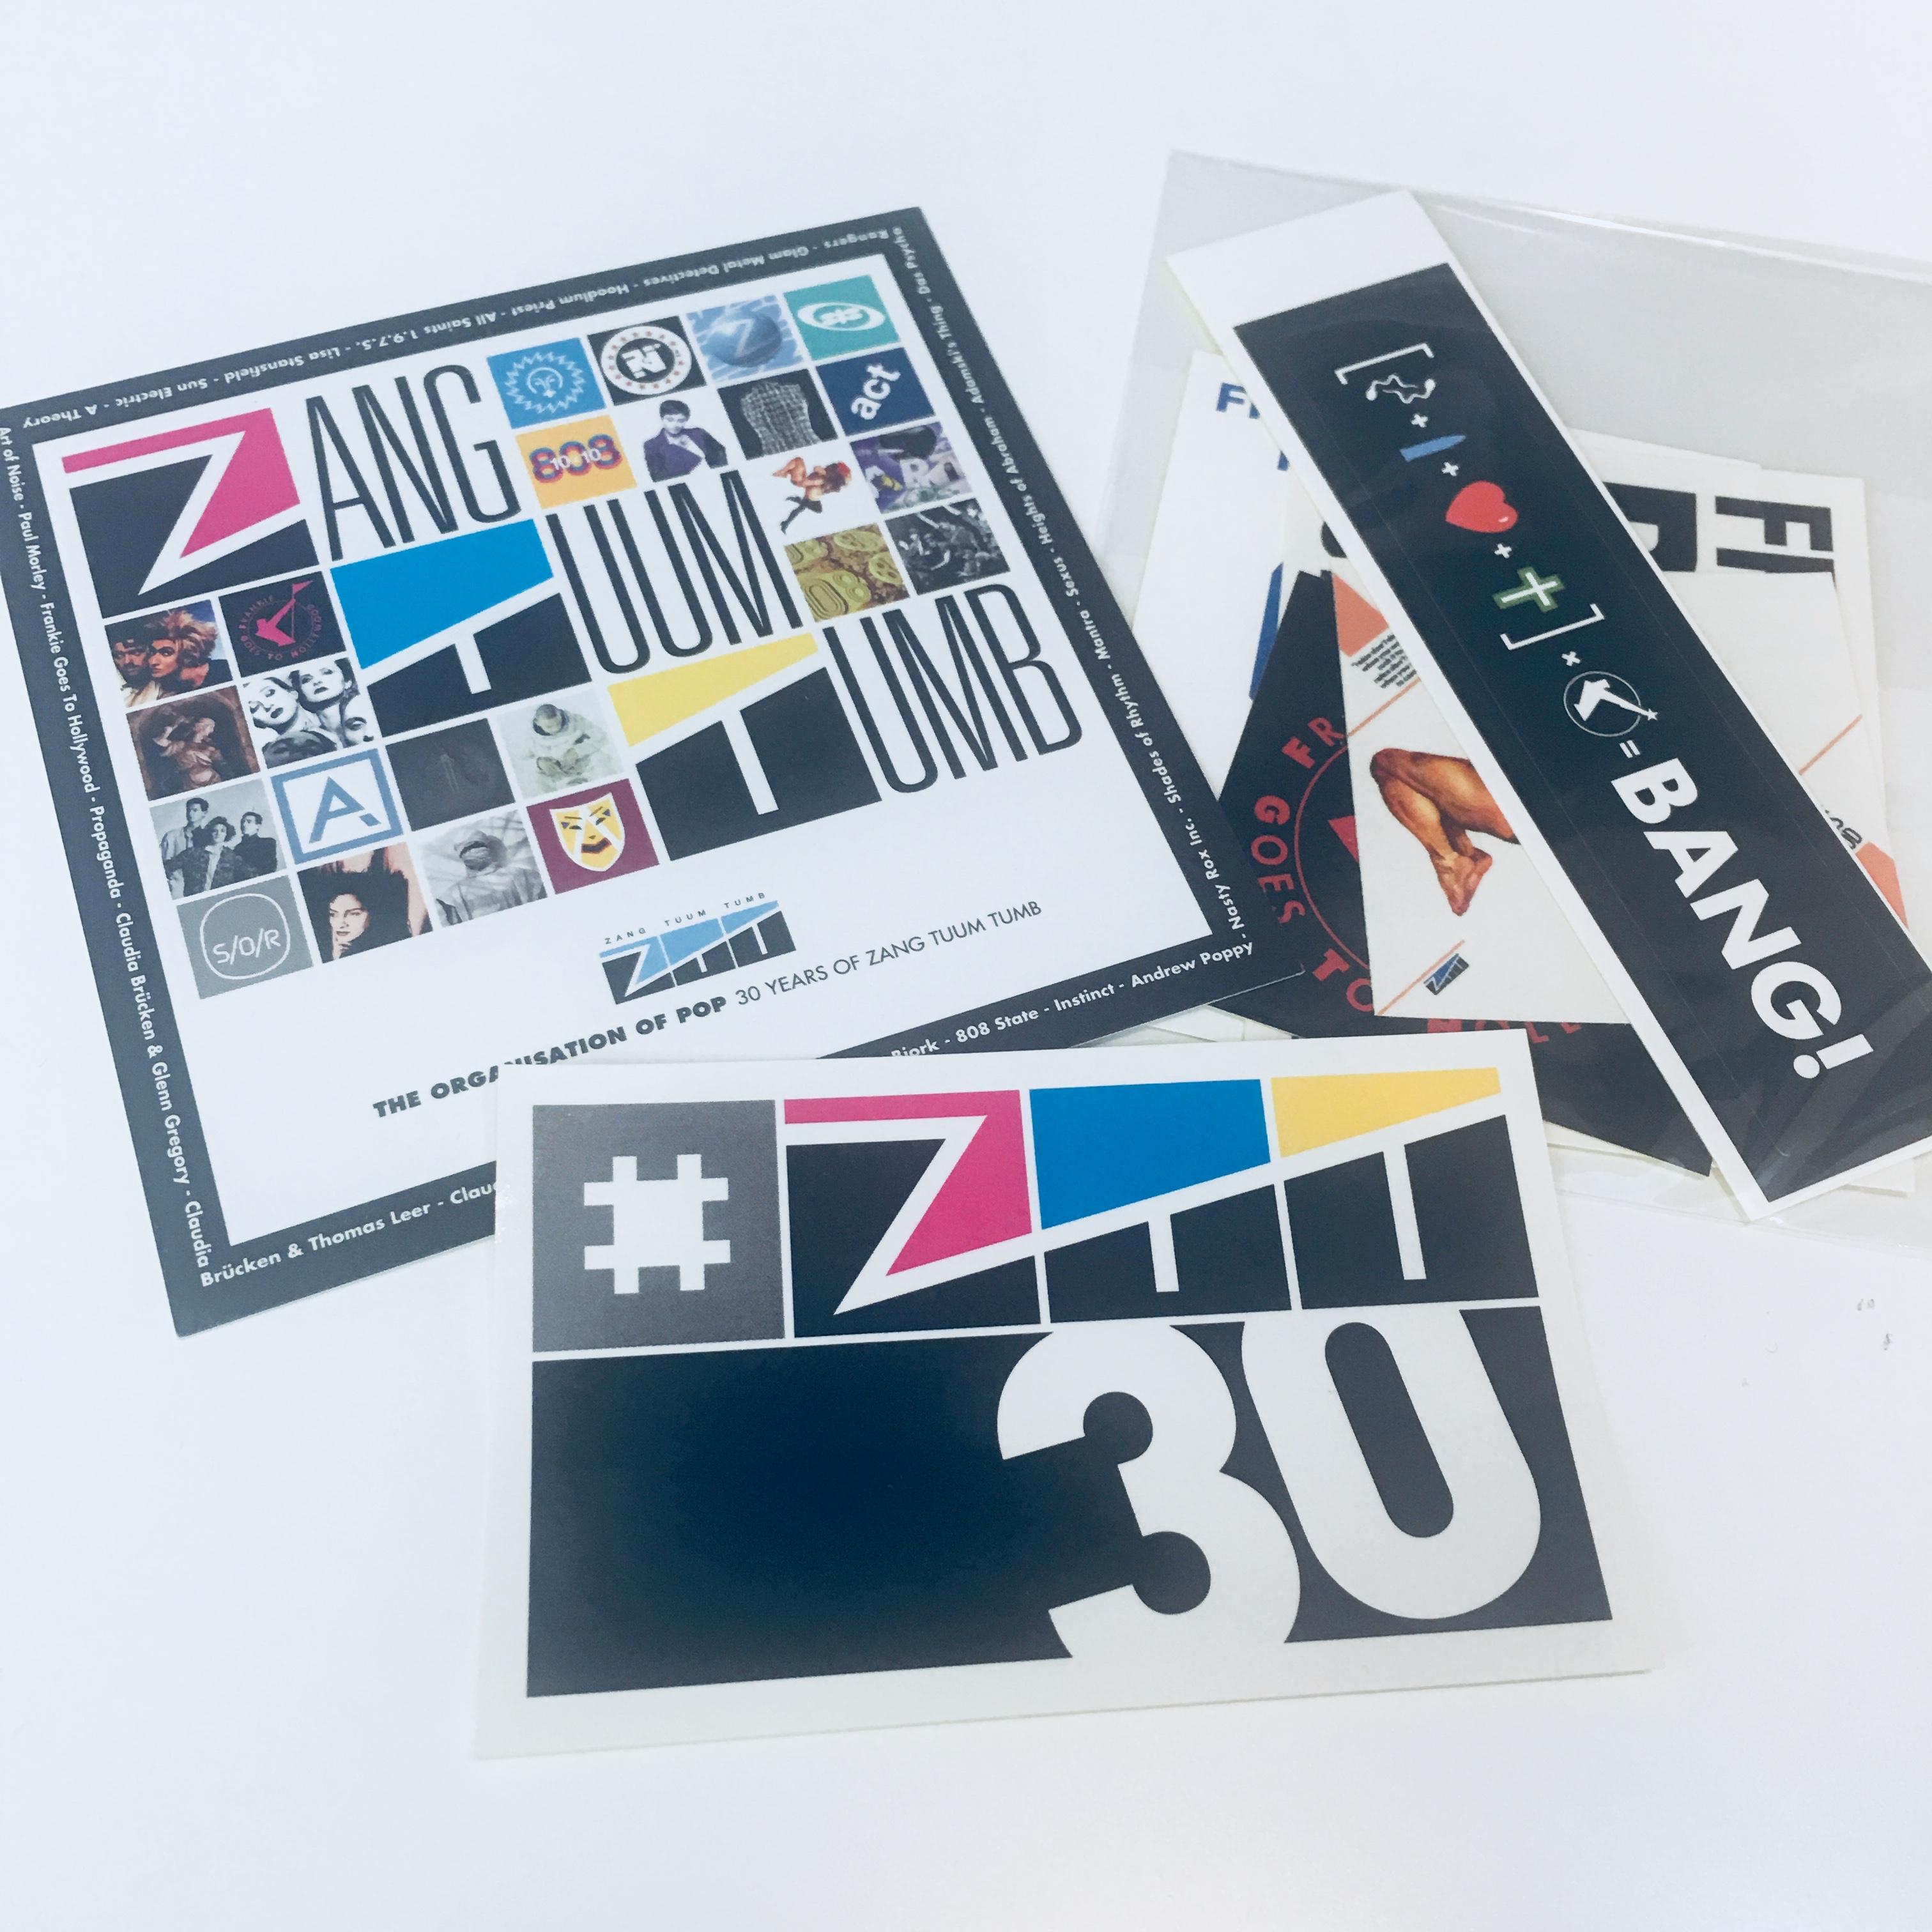 808 State - EX:EL (Deluxe Edition) - 画像2